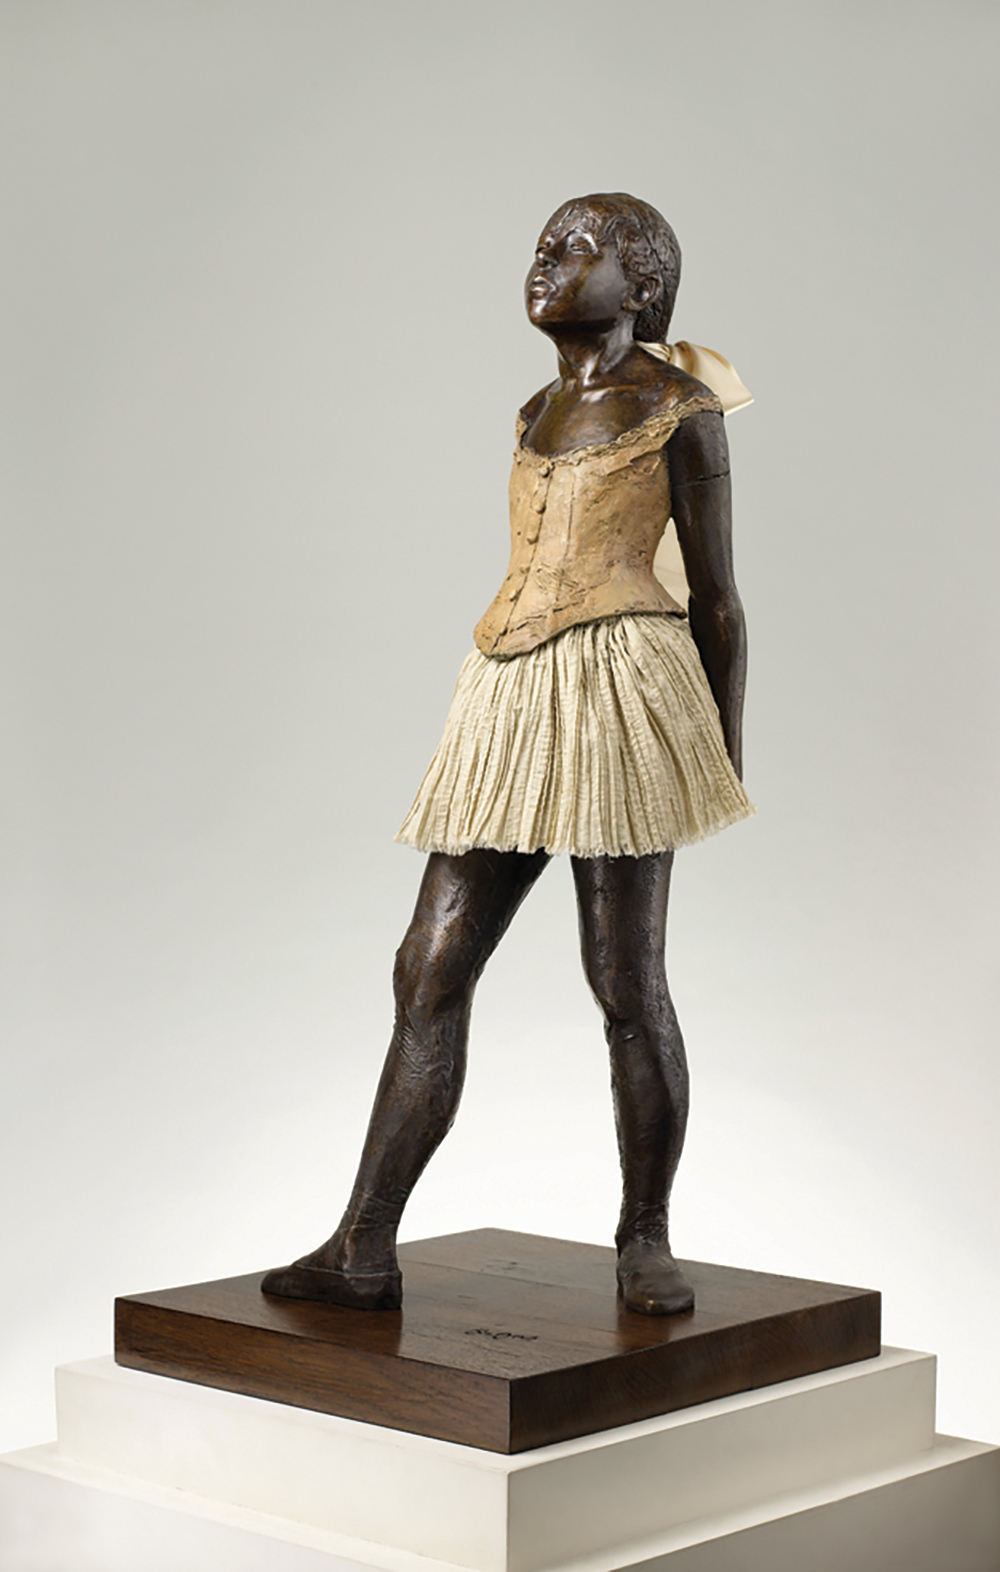 Figures in Motion,Edgar Degas,MGM Art Space in Macau